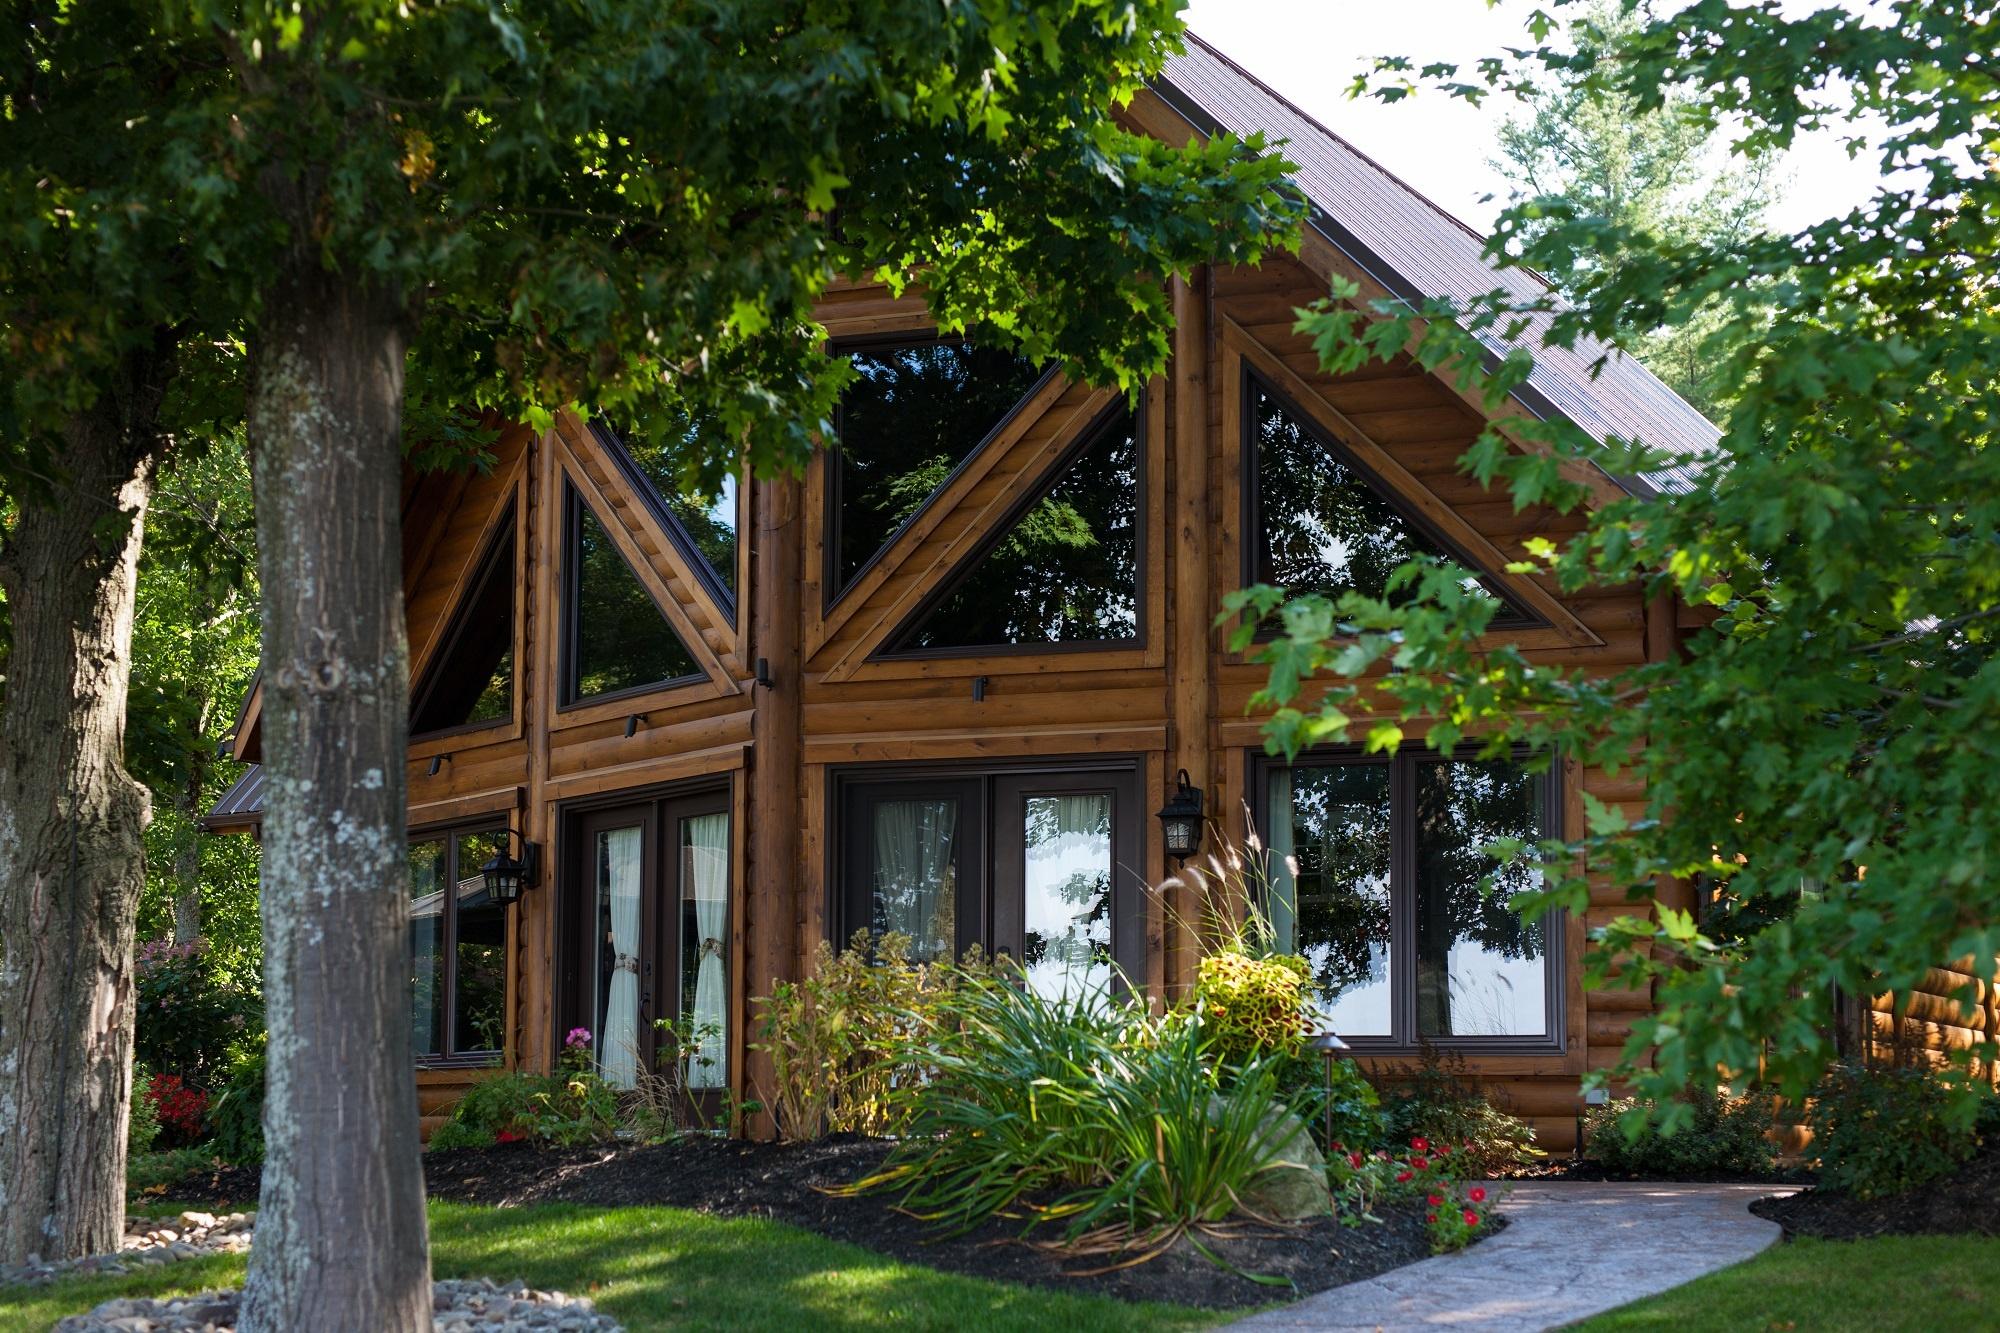 Timber Block St. Bernard